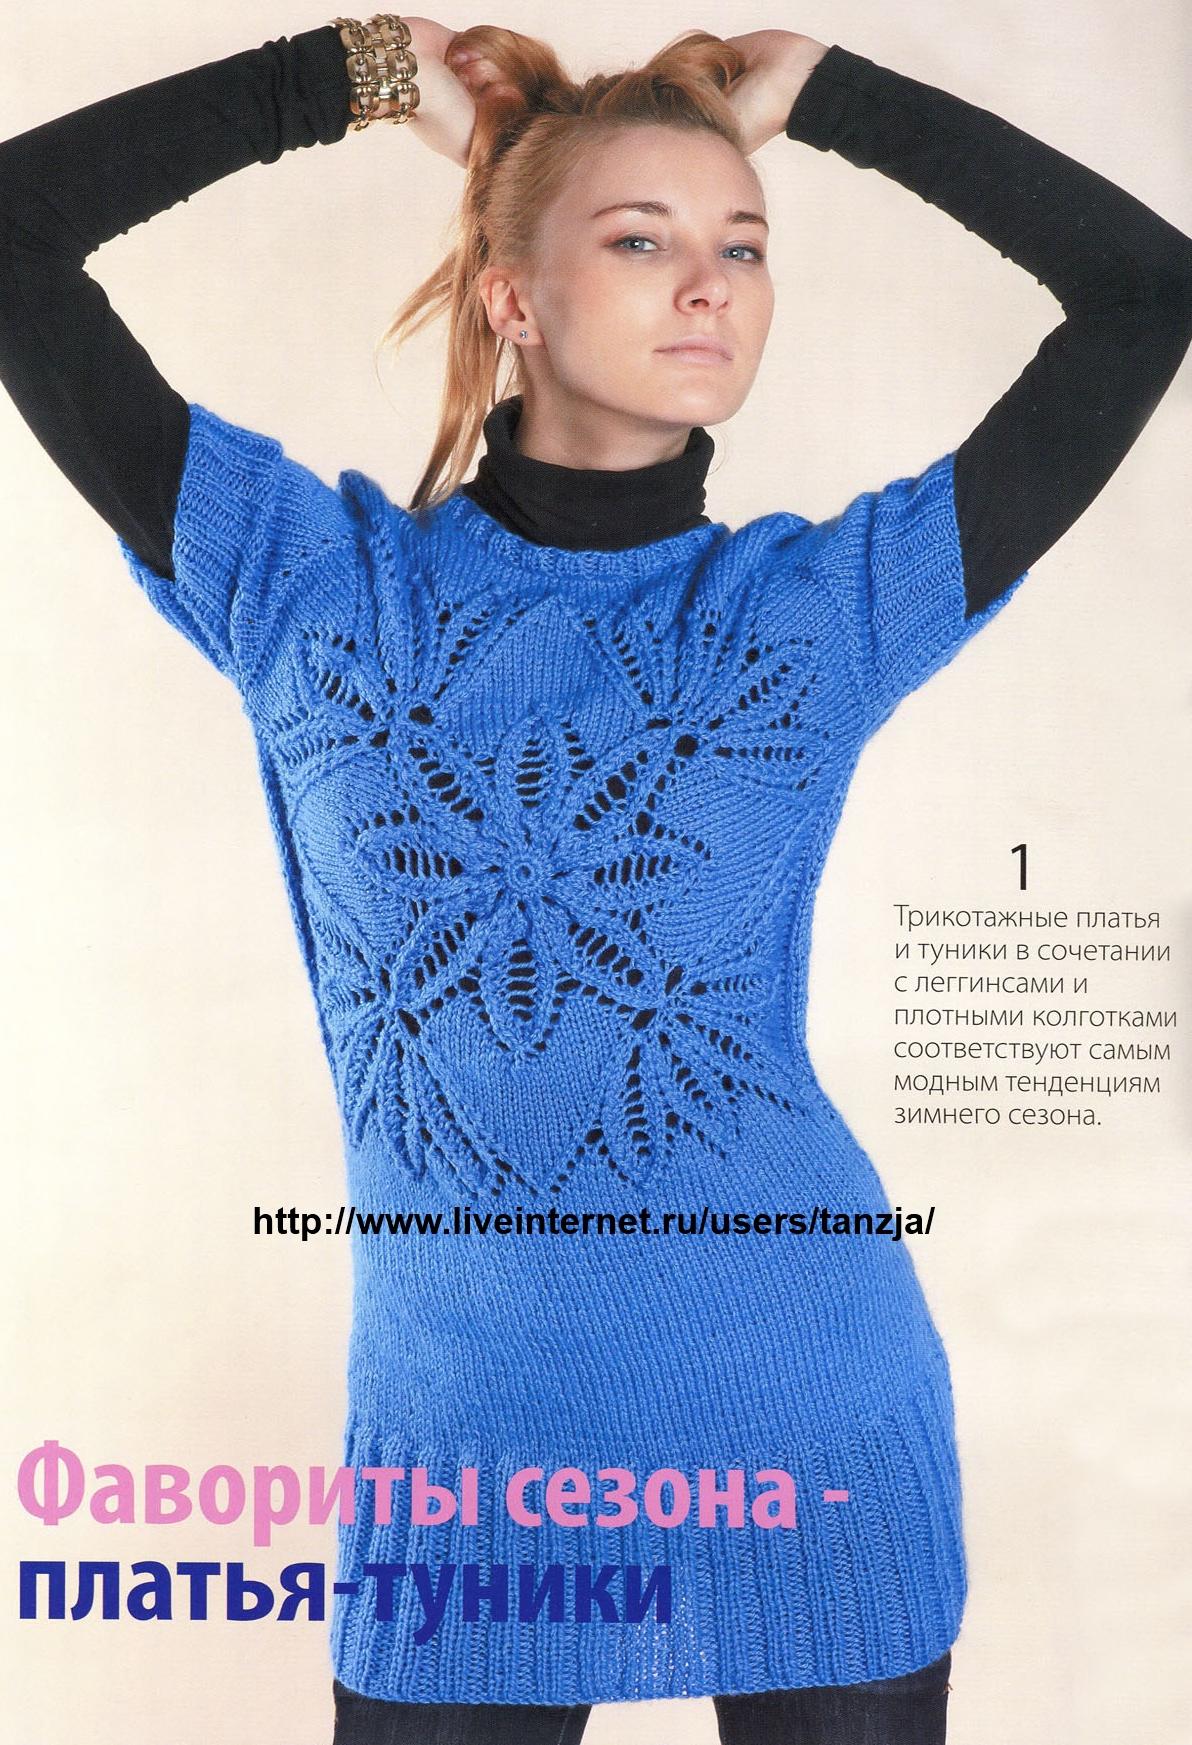 Метки: платья спицами вязаные платья вязание